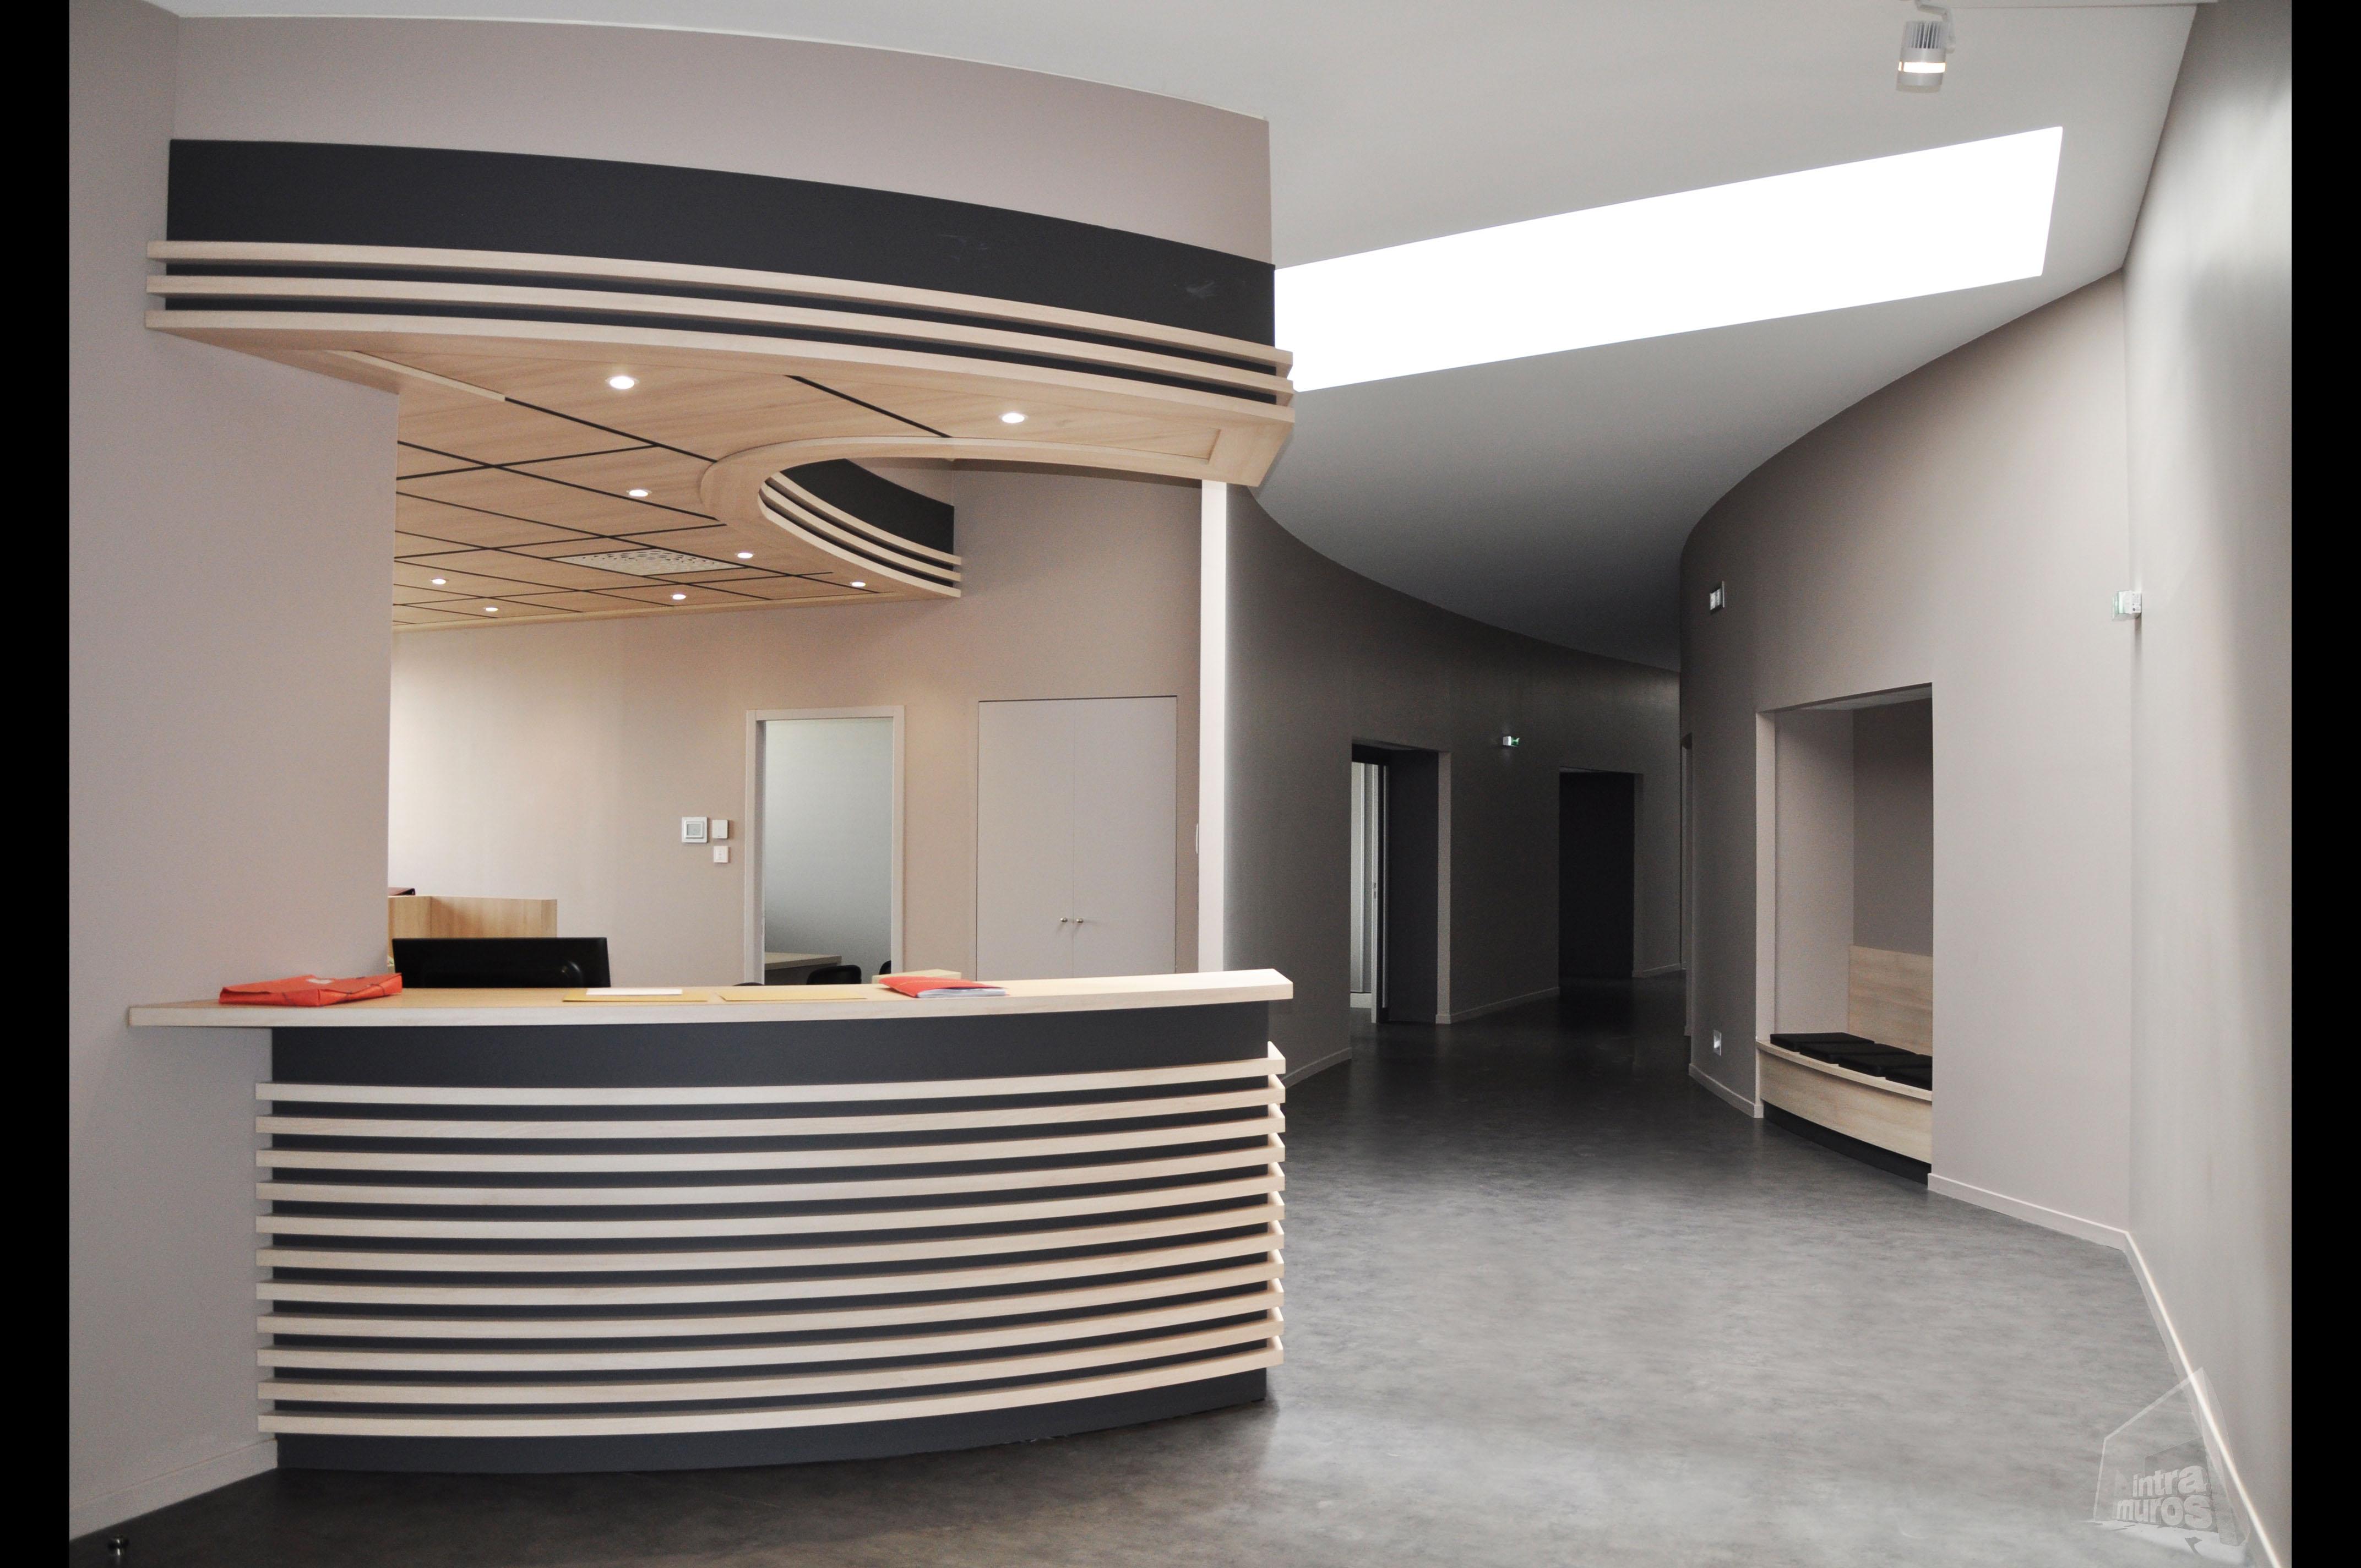 Architecte D Intérieur Aveyron conception et design d'espaces professionnels sur mesure en